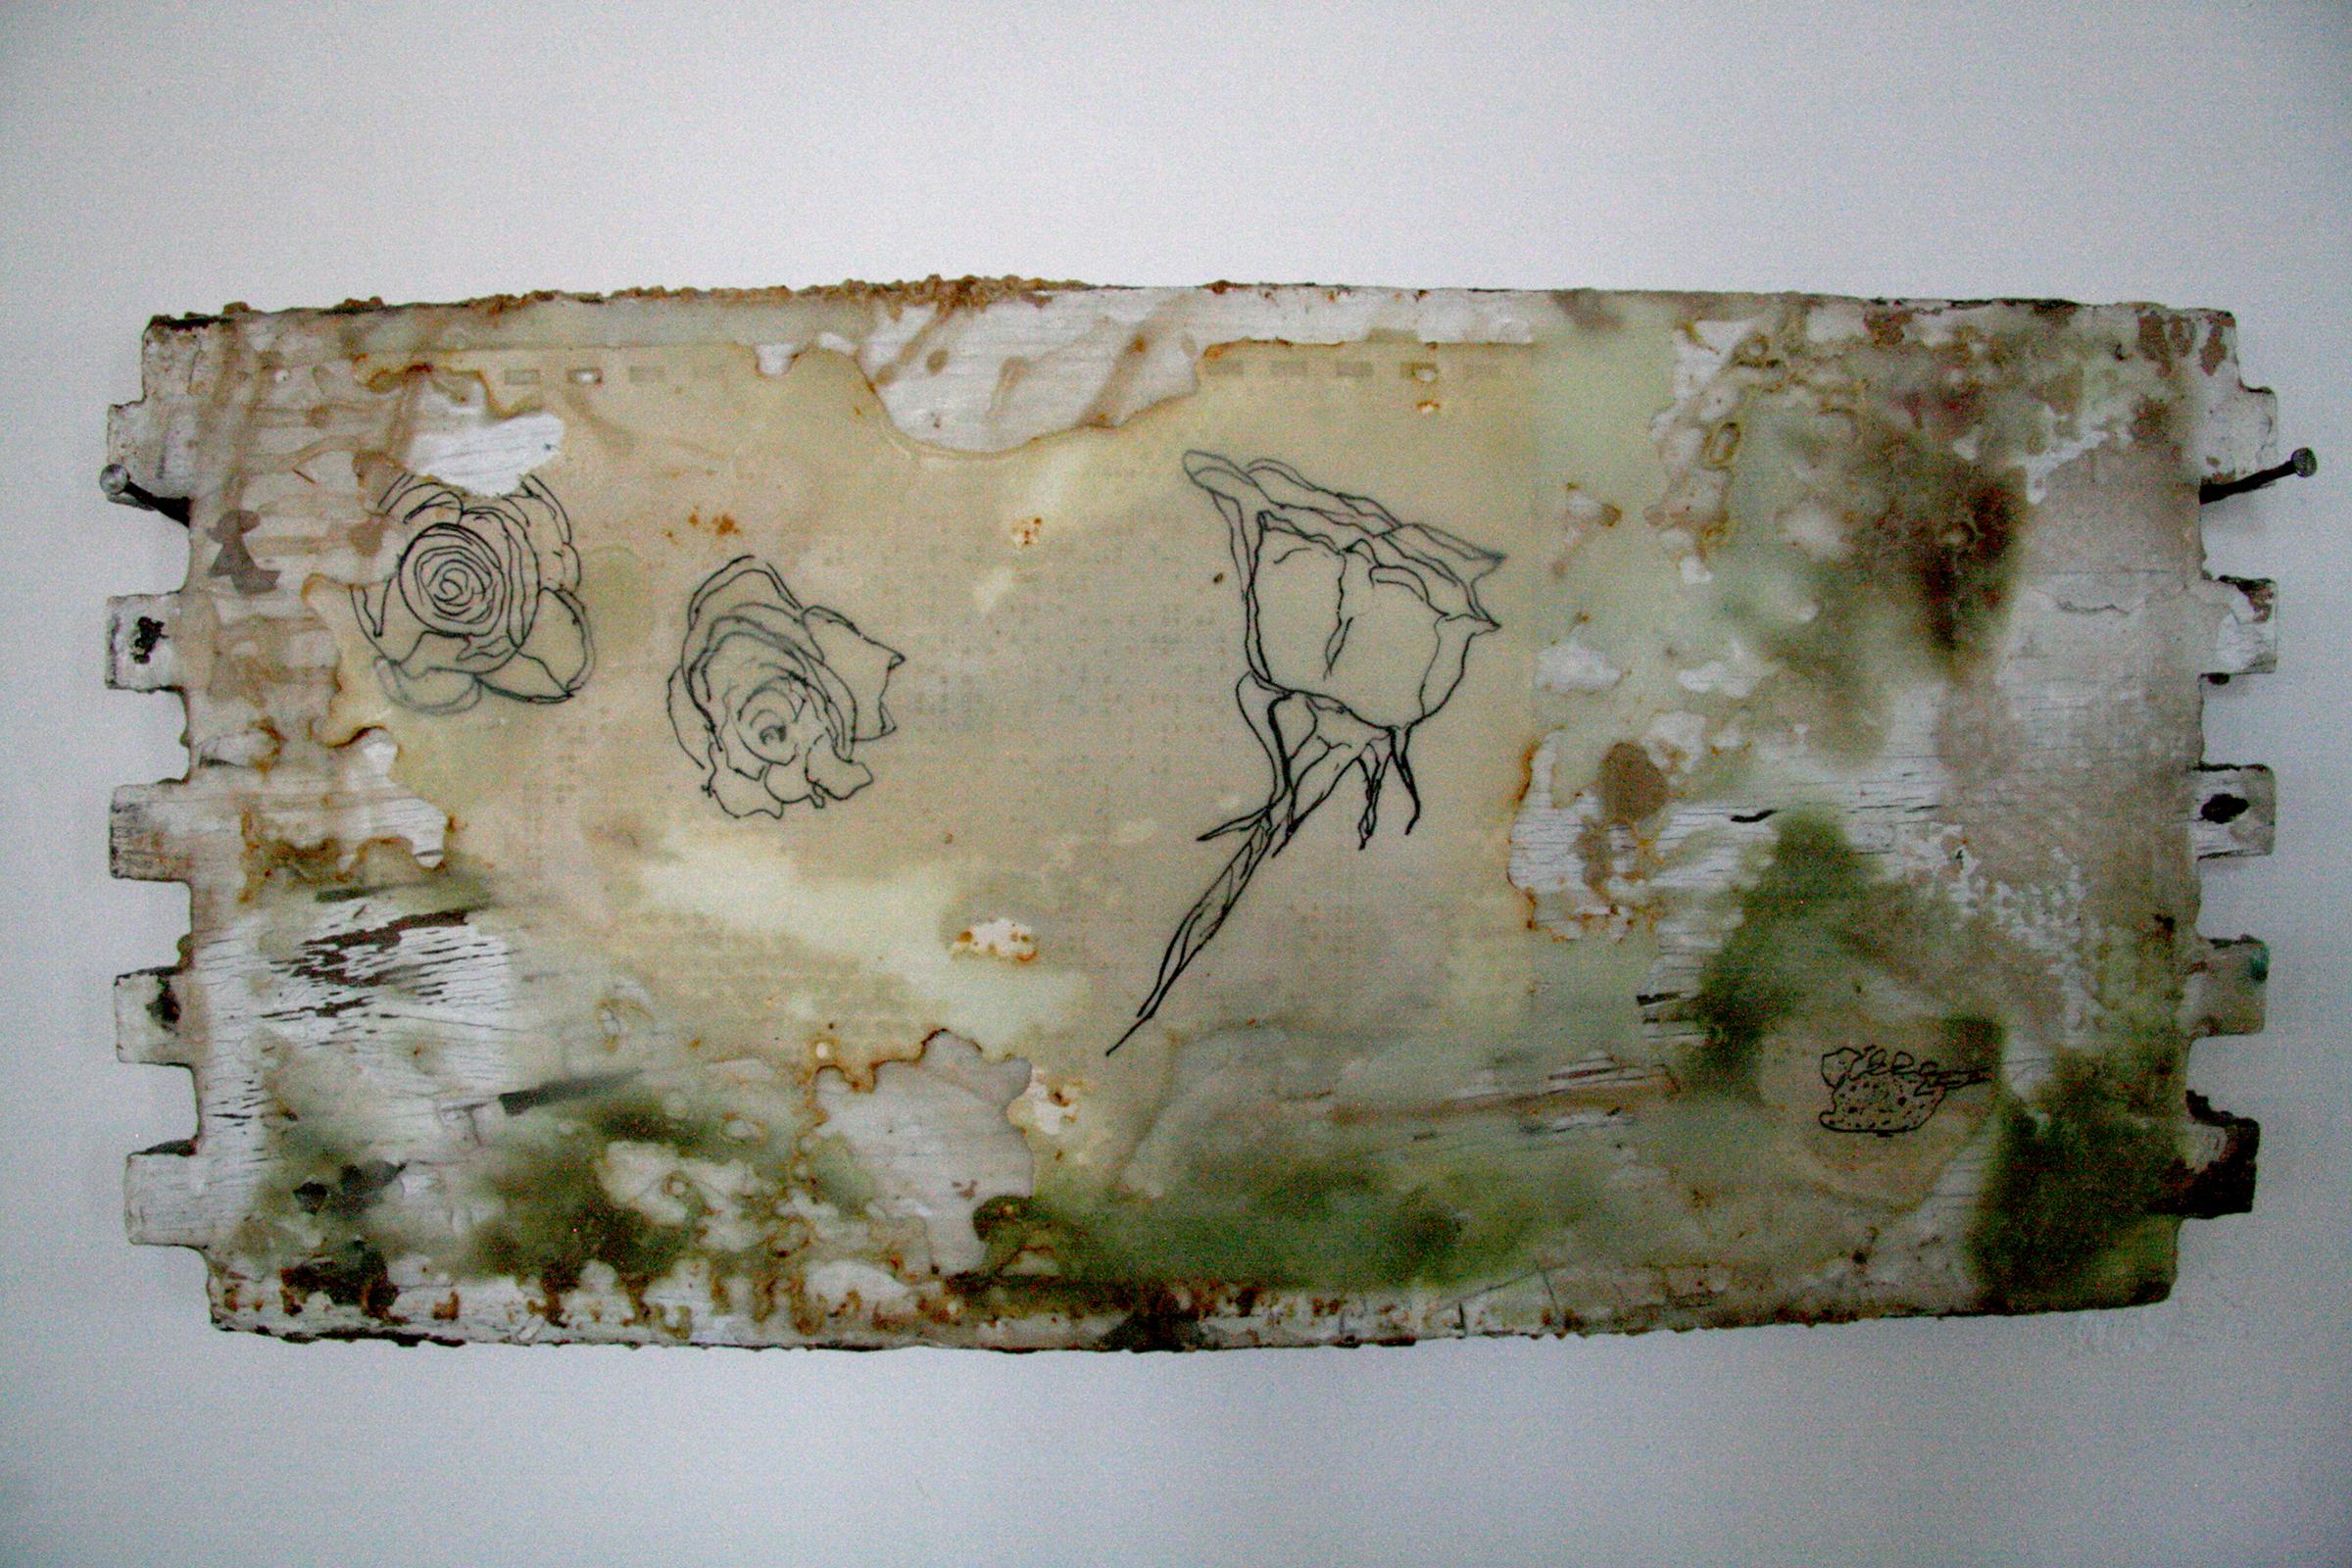 AD-016, Hive Wallpaper #2, $4,500